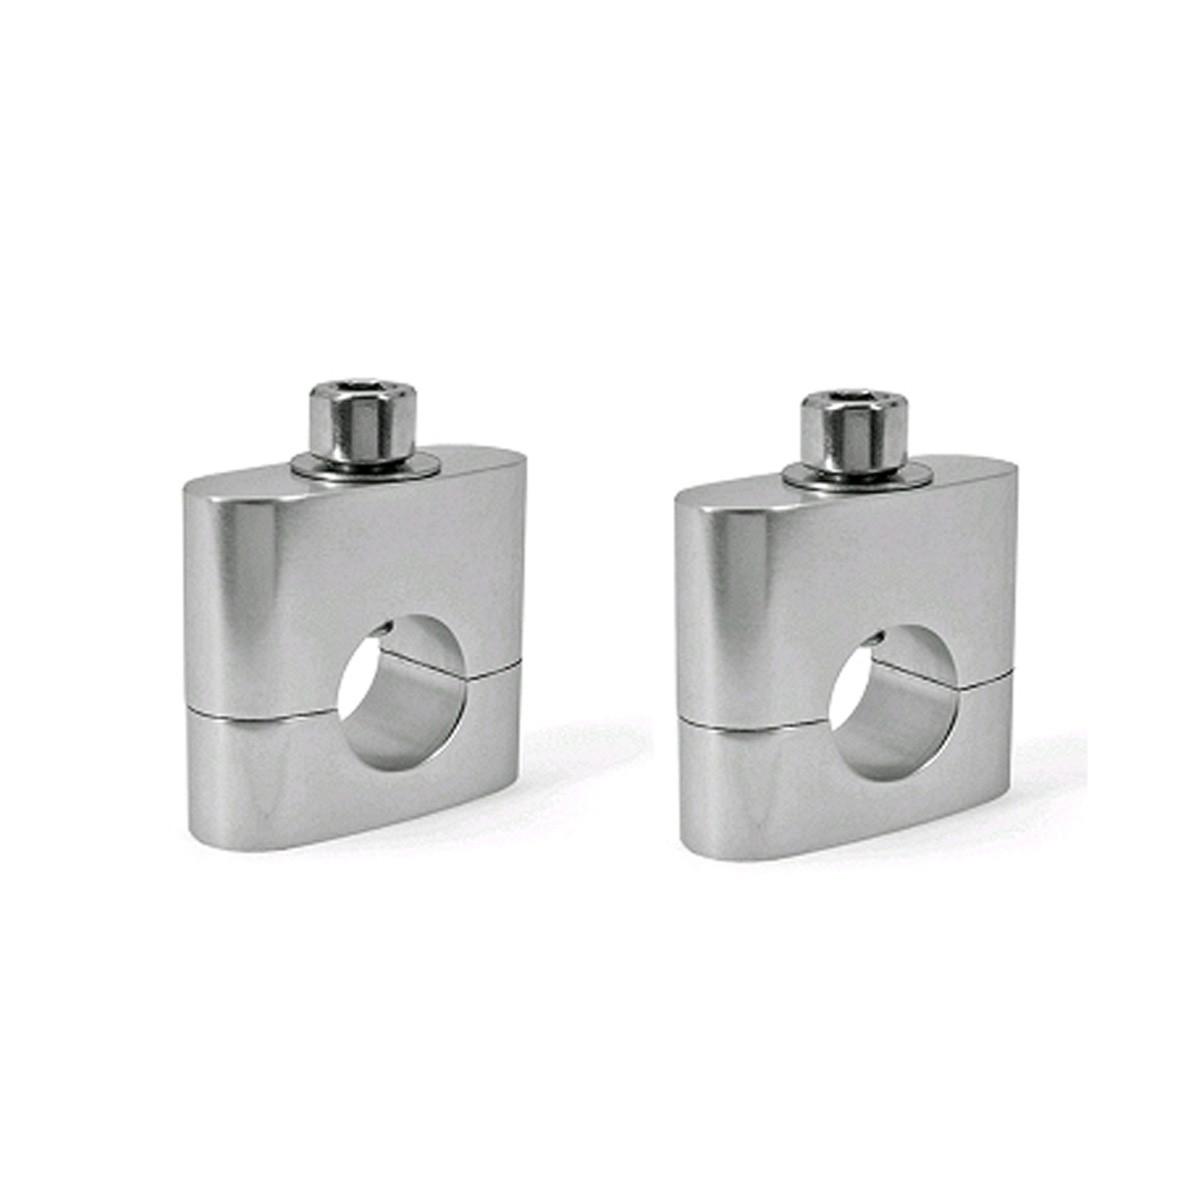 Pontets de Guidon Complet Ø22mm - TNT Silver